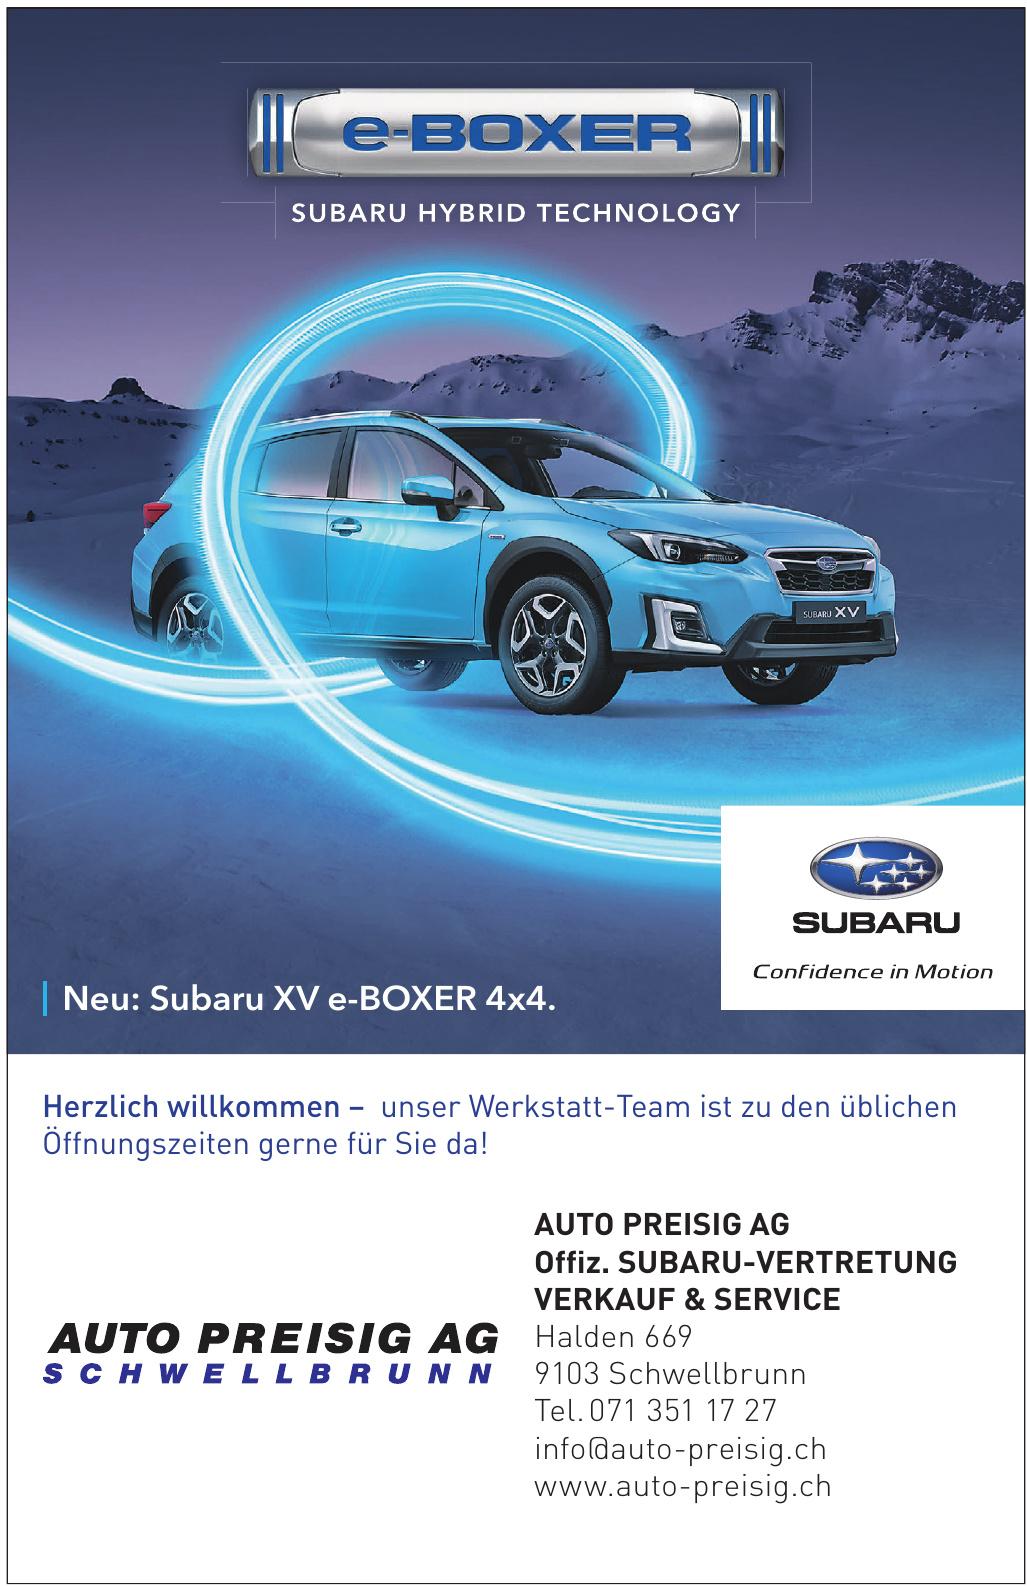 Auto Preisig AG